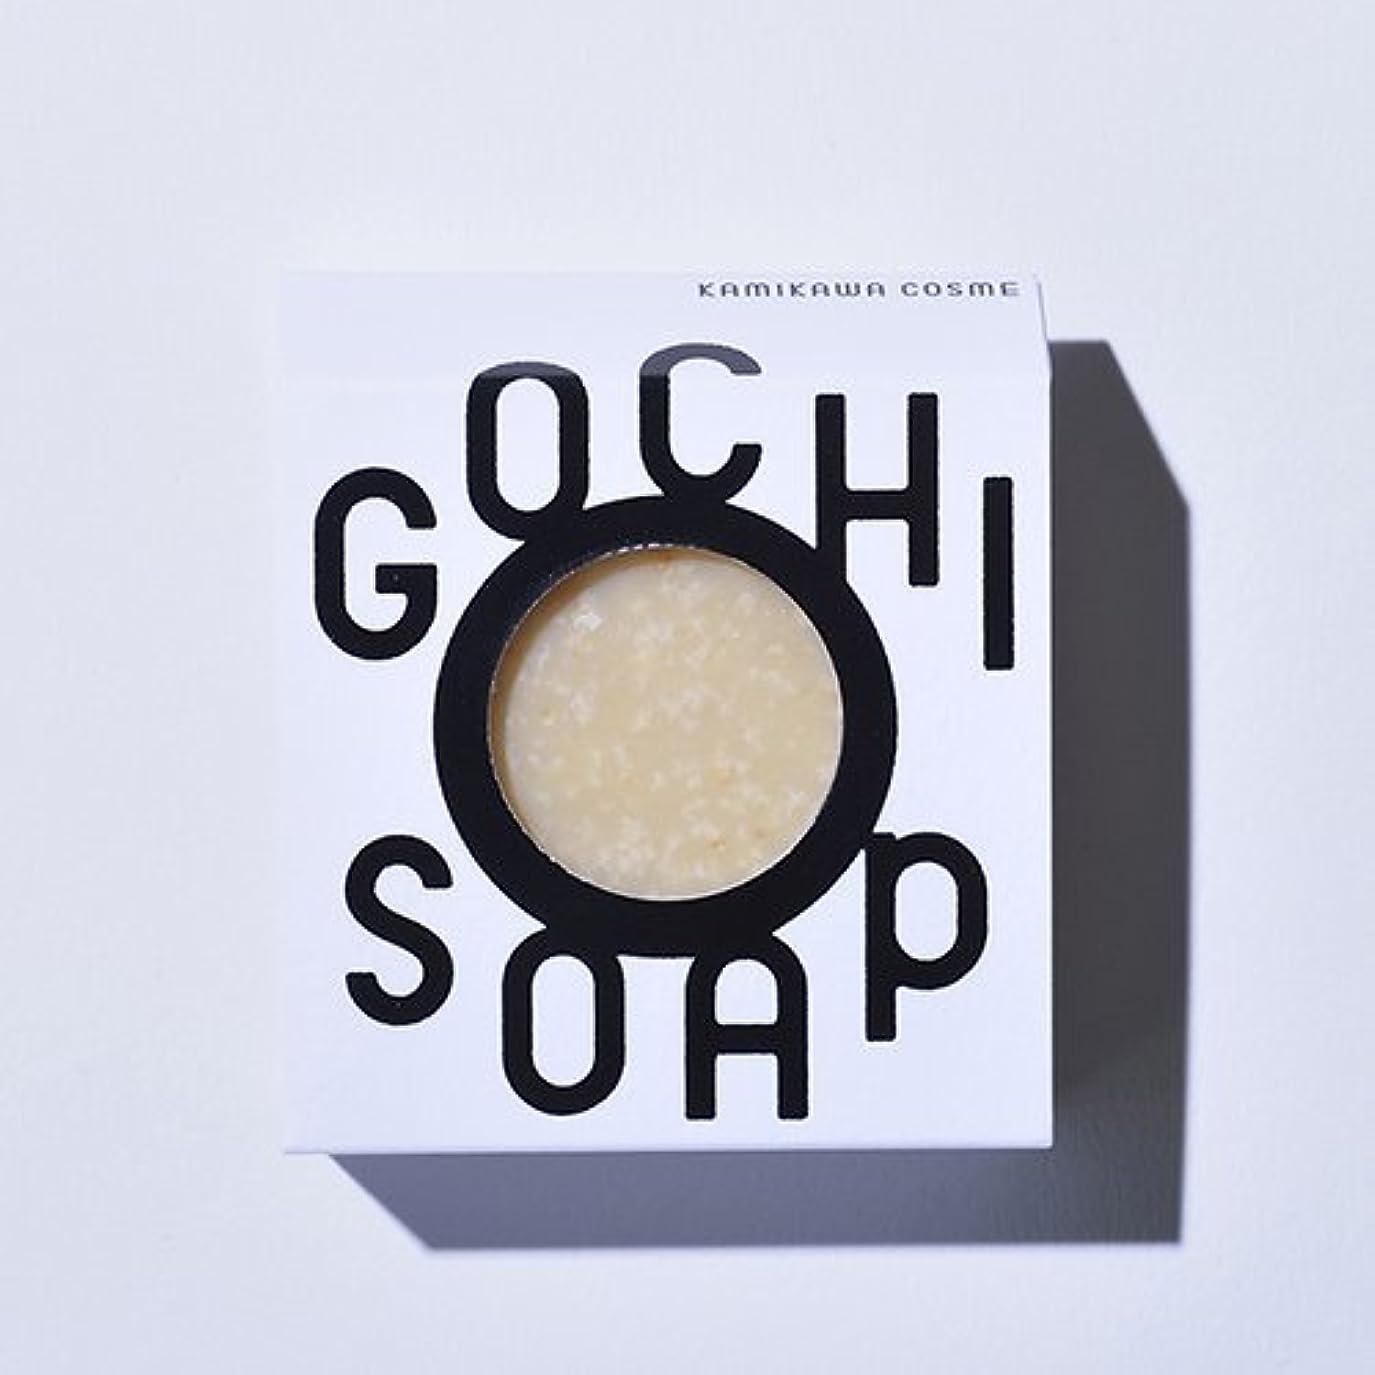 電話刺す偽善GOCHI SOAP ゴチソープ ふじくらますも果樹園のりんごソープ